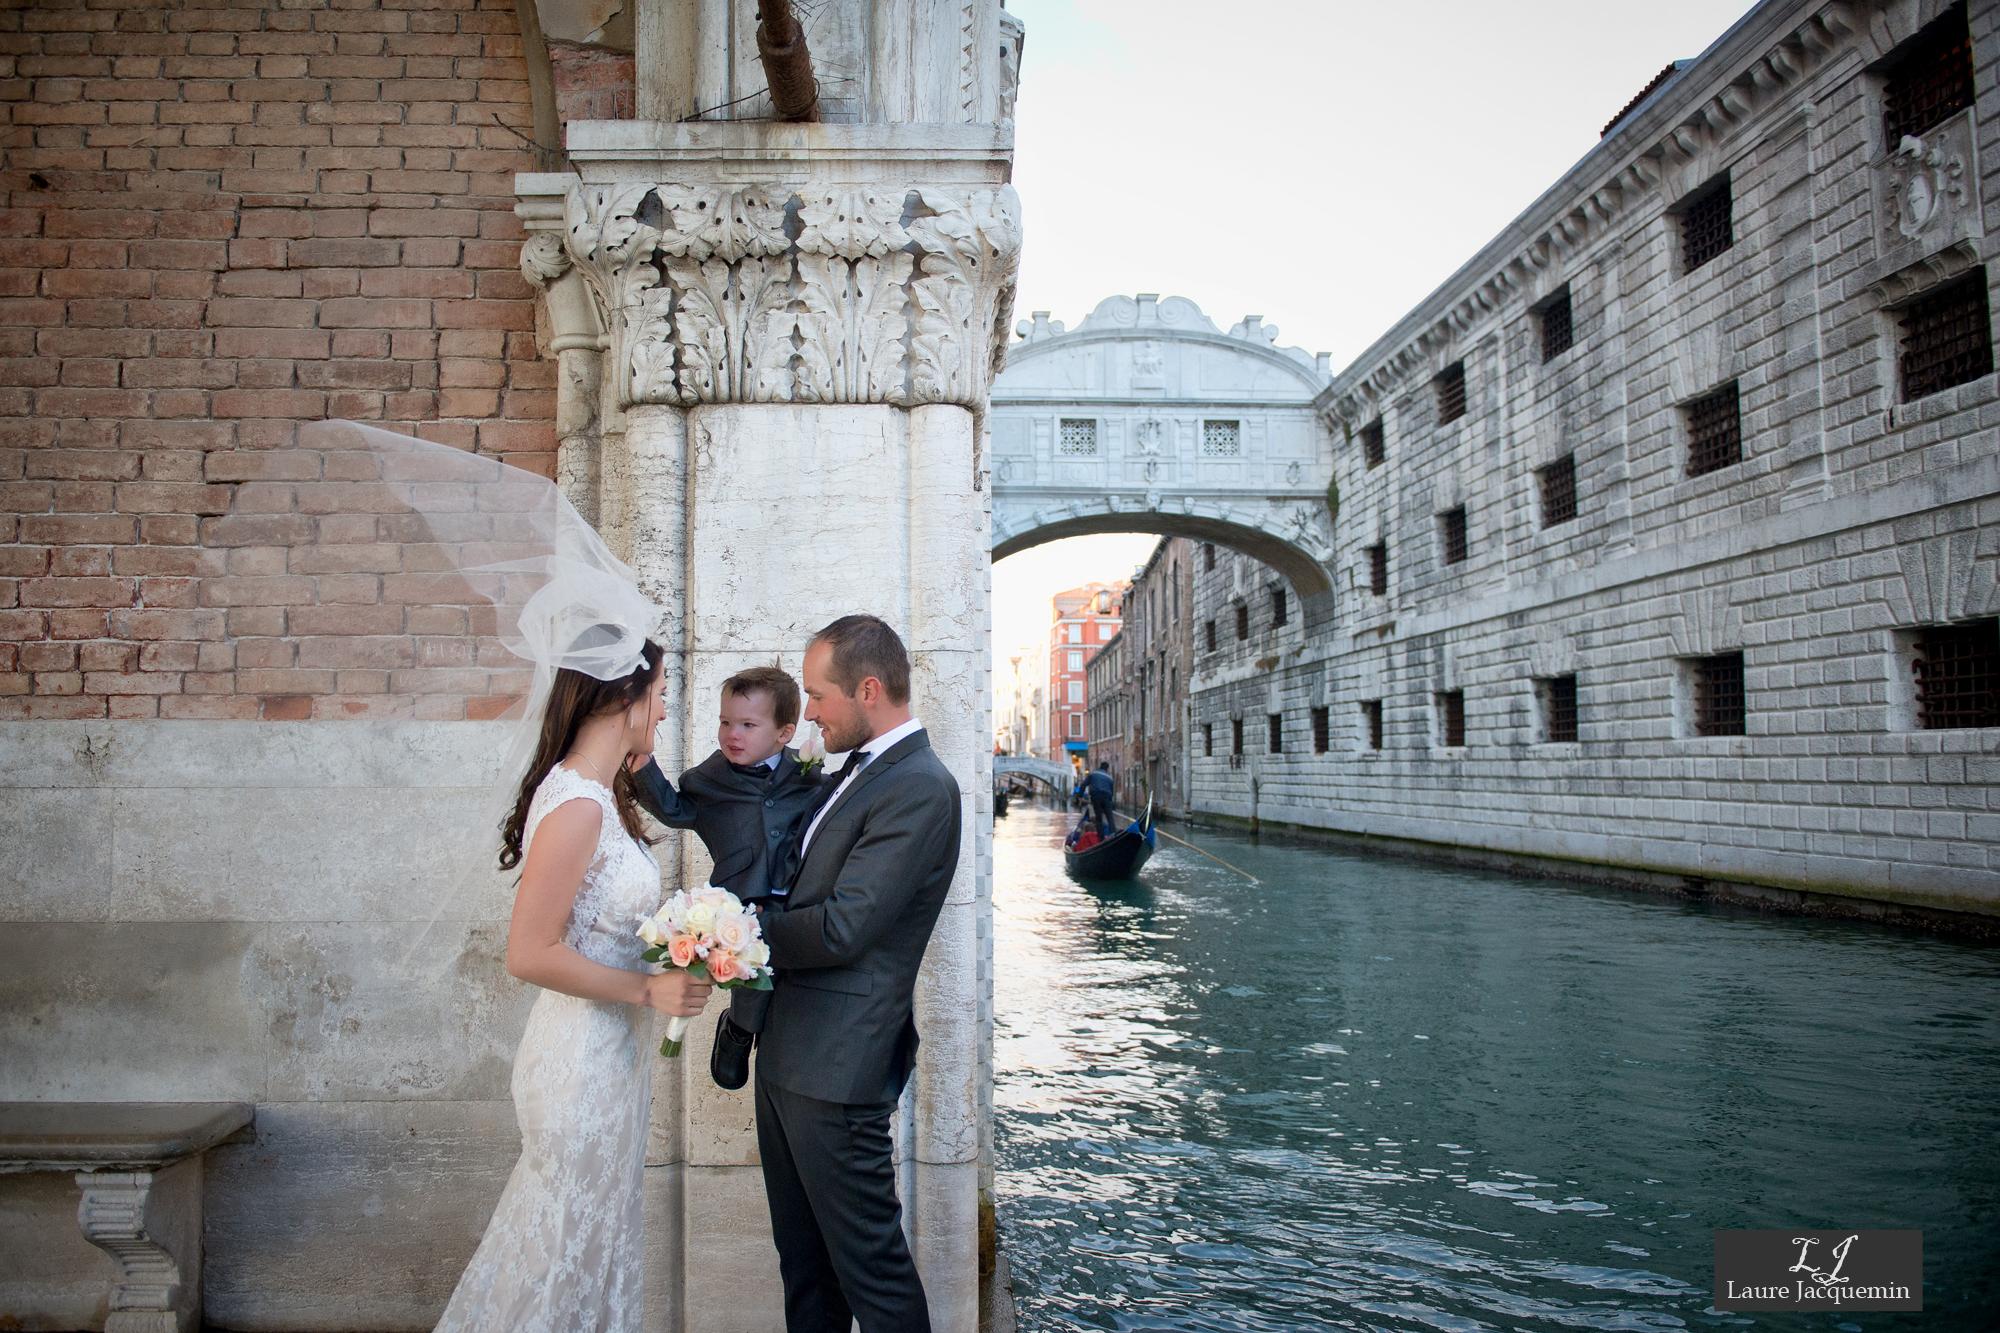 photographe mariage laure jacquemin palazzo cavalli service photographique (91)